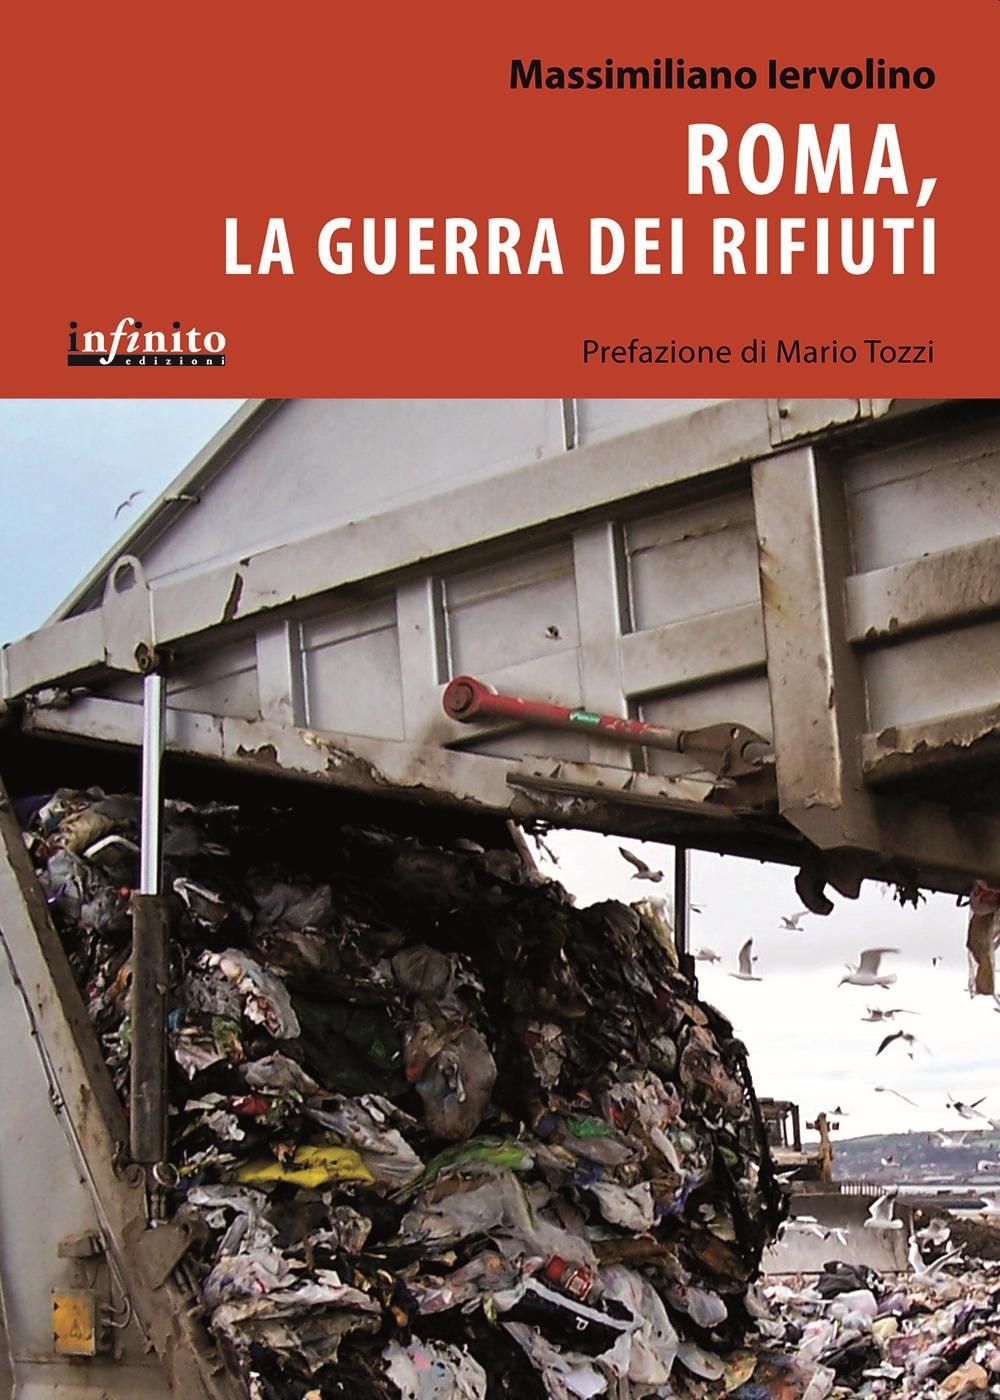 Roma, la guerra dei rifiuti